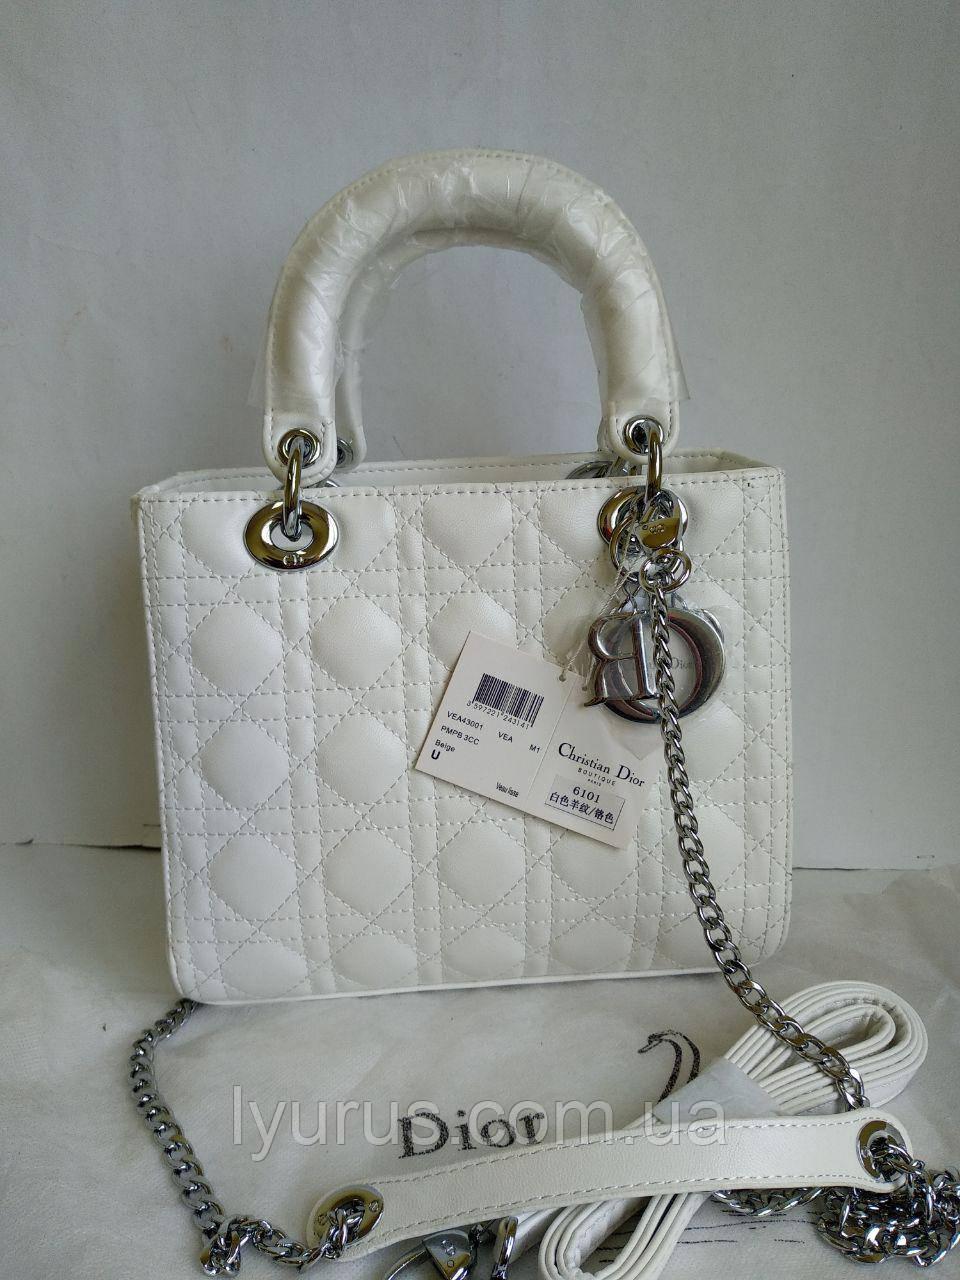 ce0d95d1f112 Женская сумка в стиле Dior Lady 24см - Интернет магазин LyuRus в Полтаве